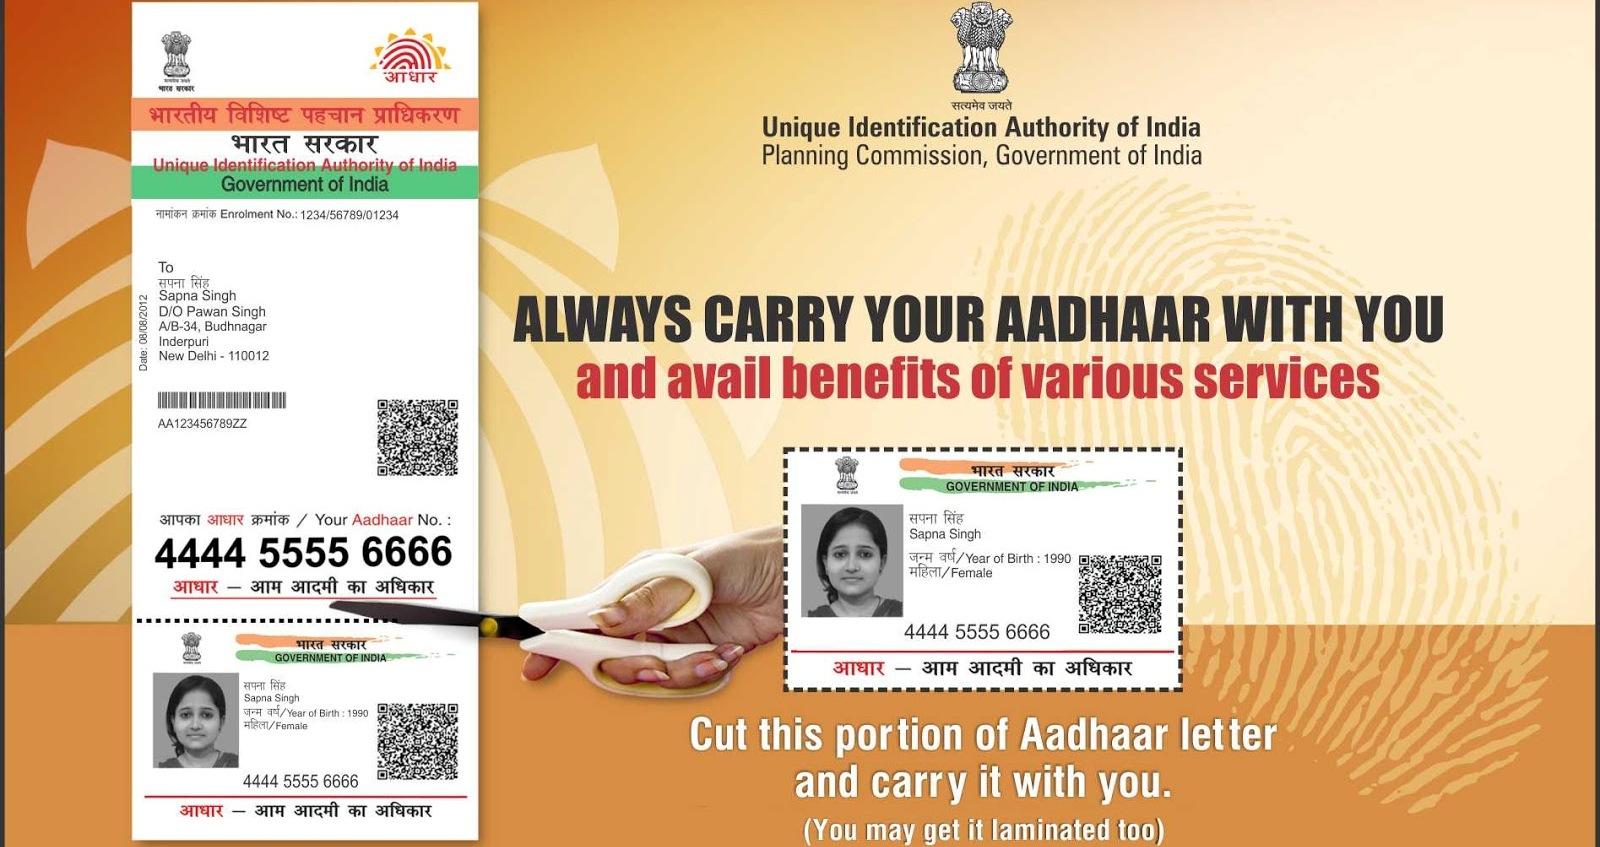 http://www.bhubaneswarbuzz.com/wp-content/uploads/2015/10/aadhaar-card.jpg